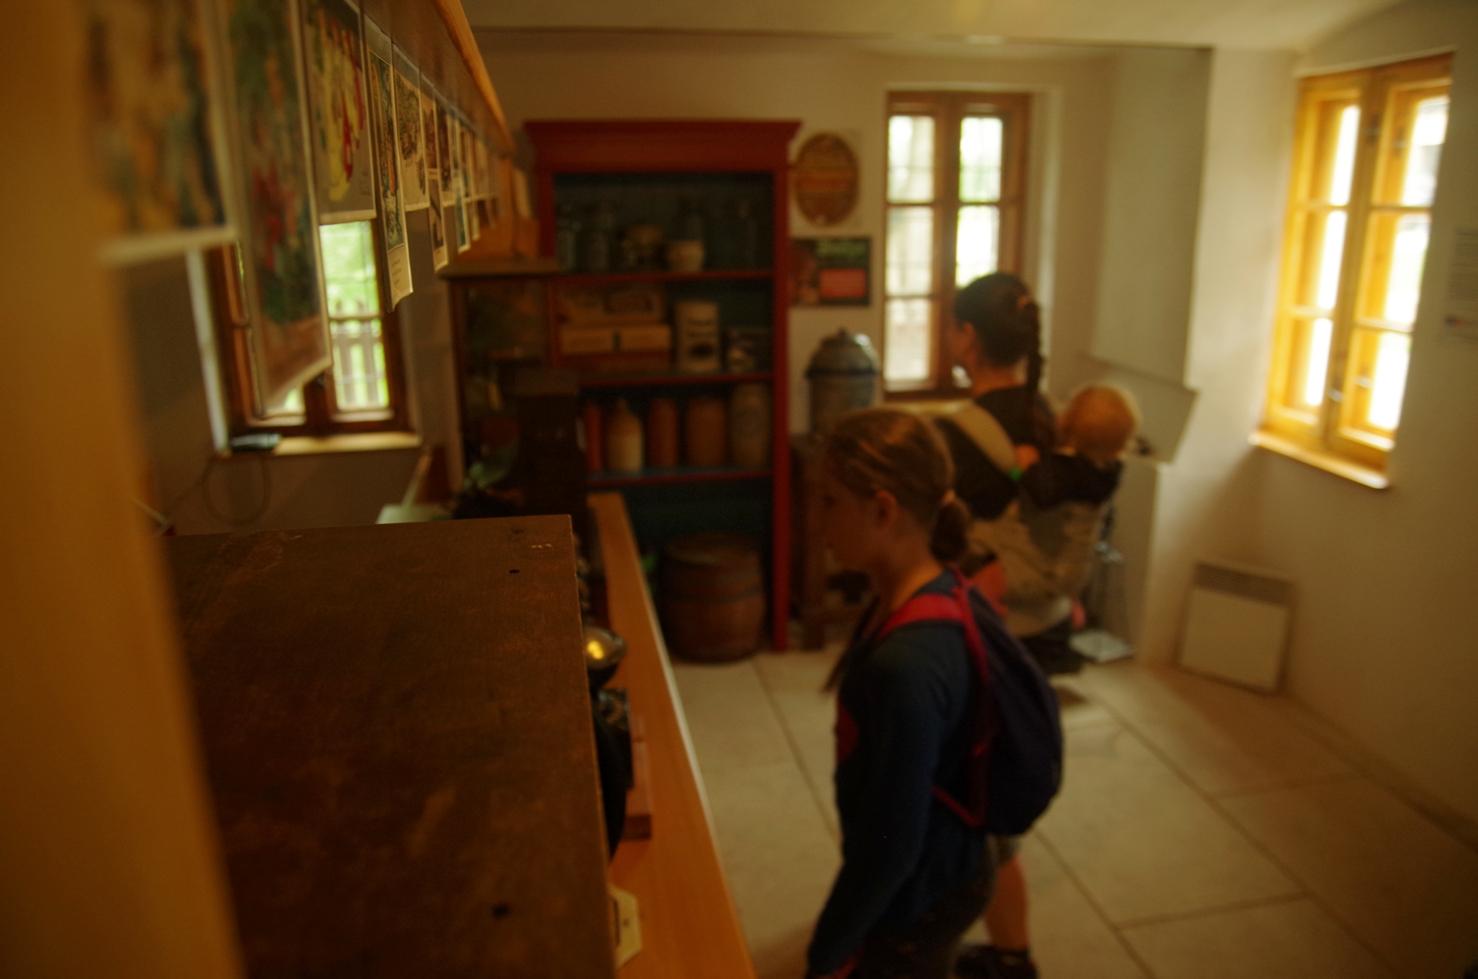 Czeski zakątek - Pstrążna - skansen - zakuty w sklepie kolonialnym